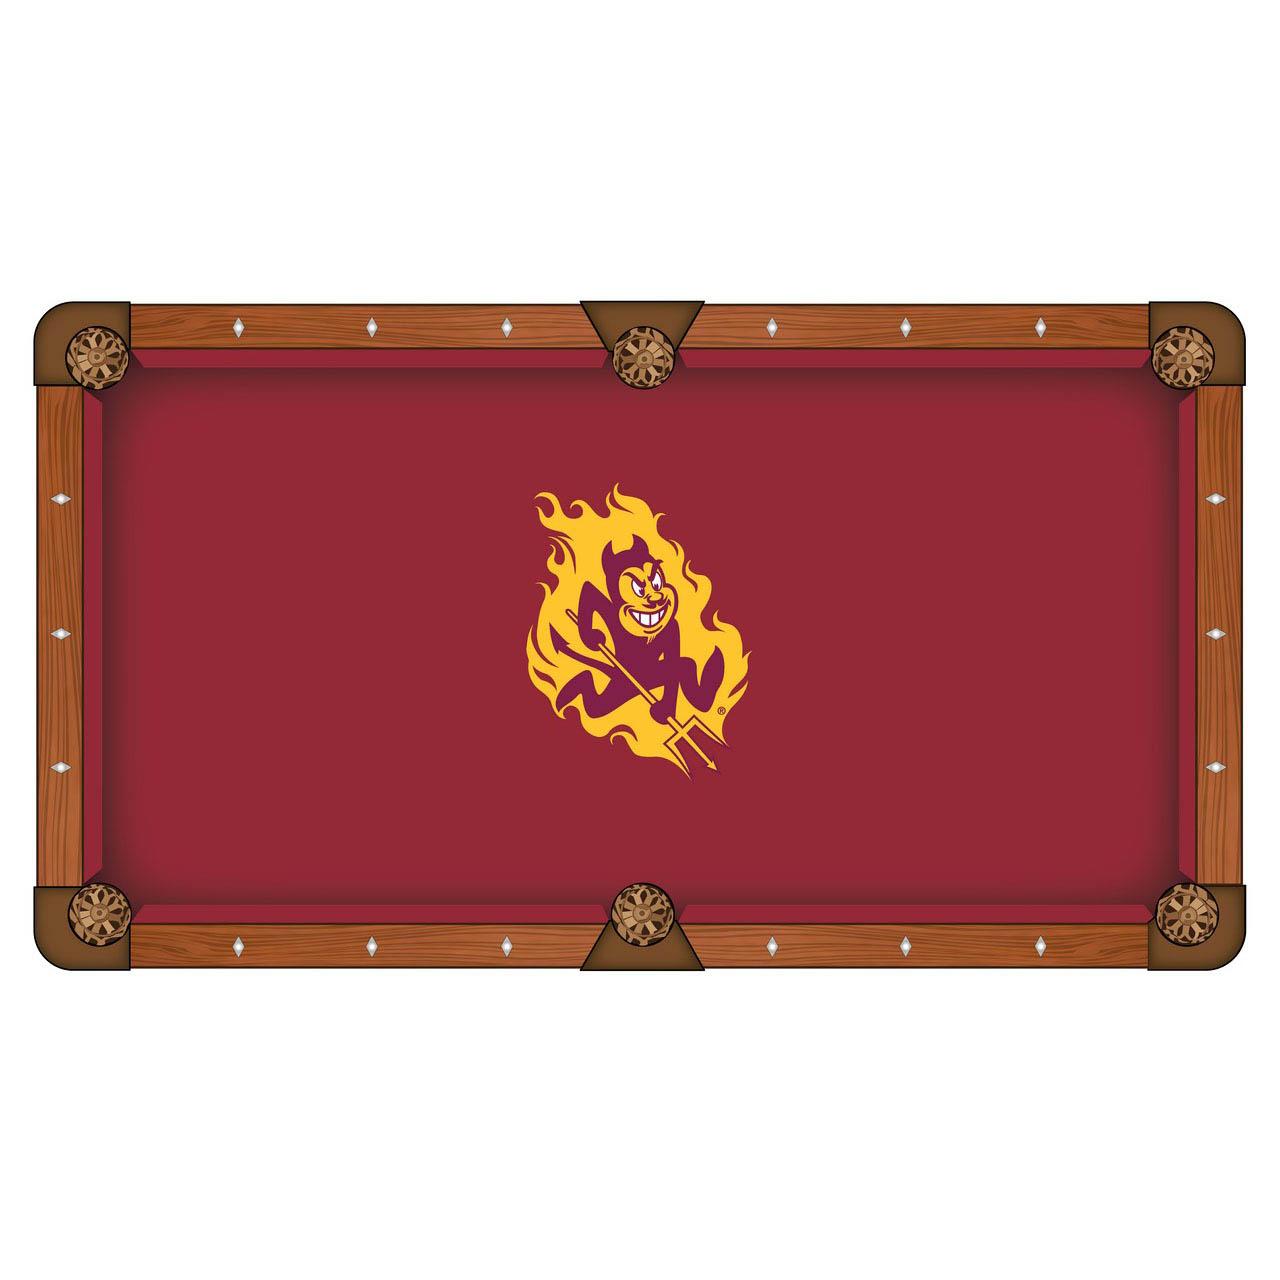 Amazing Arizona State University Pool Table Cloth Product Photo